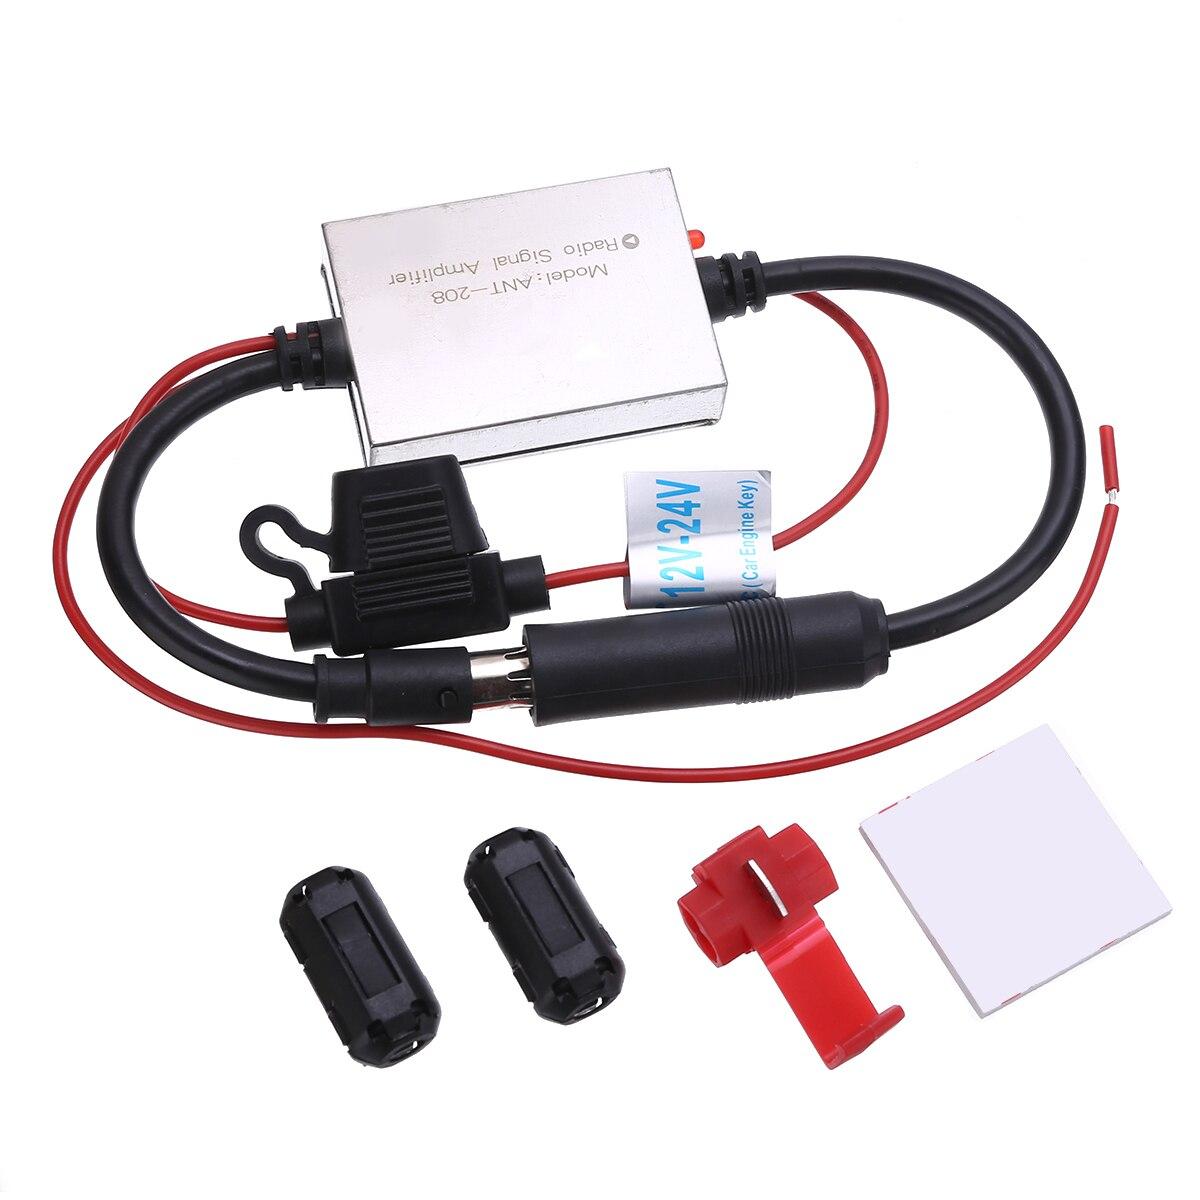 Новое поступление, 1 шт., FM усилитель сигнала, автомобильная антенна с защитой от помех, радио усилитель сигнала FM 88-108 МГц для наружных детале...